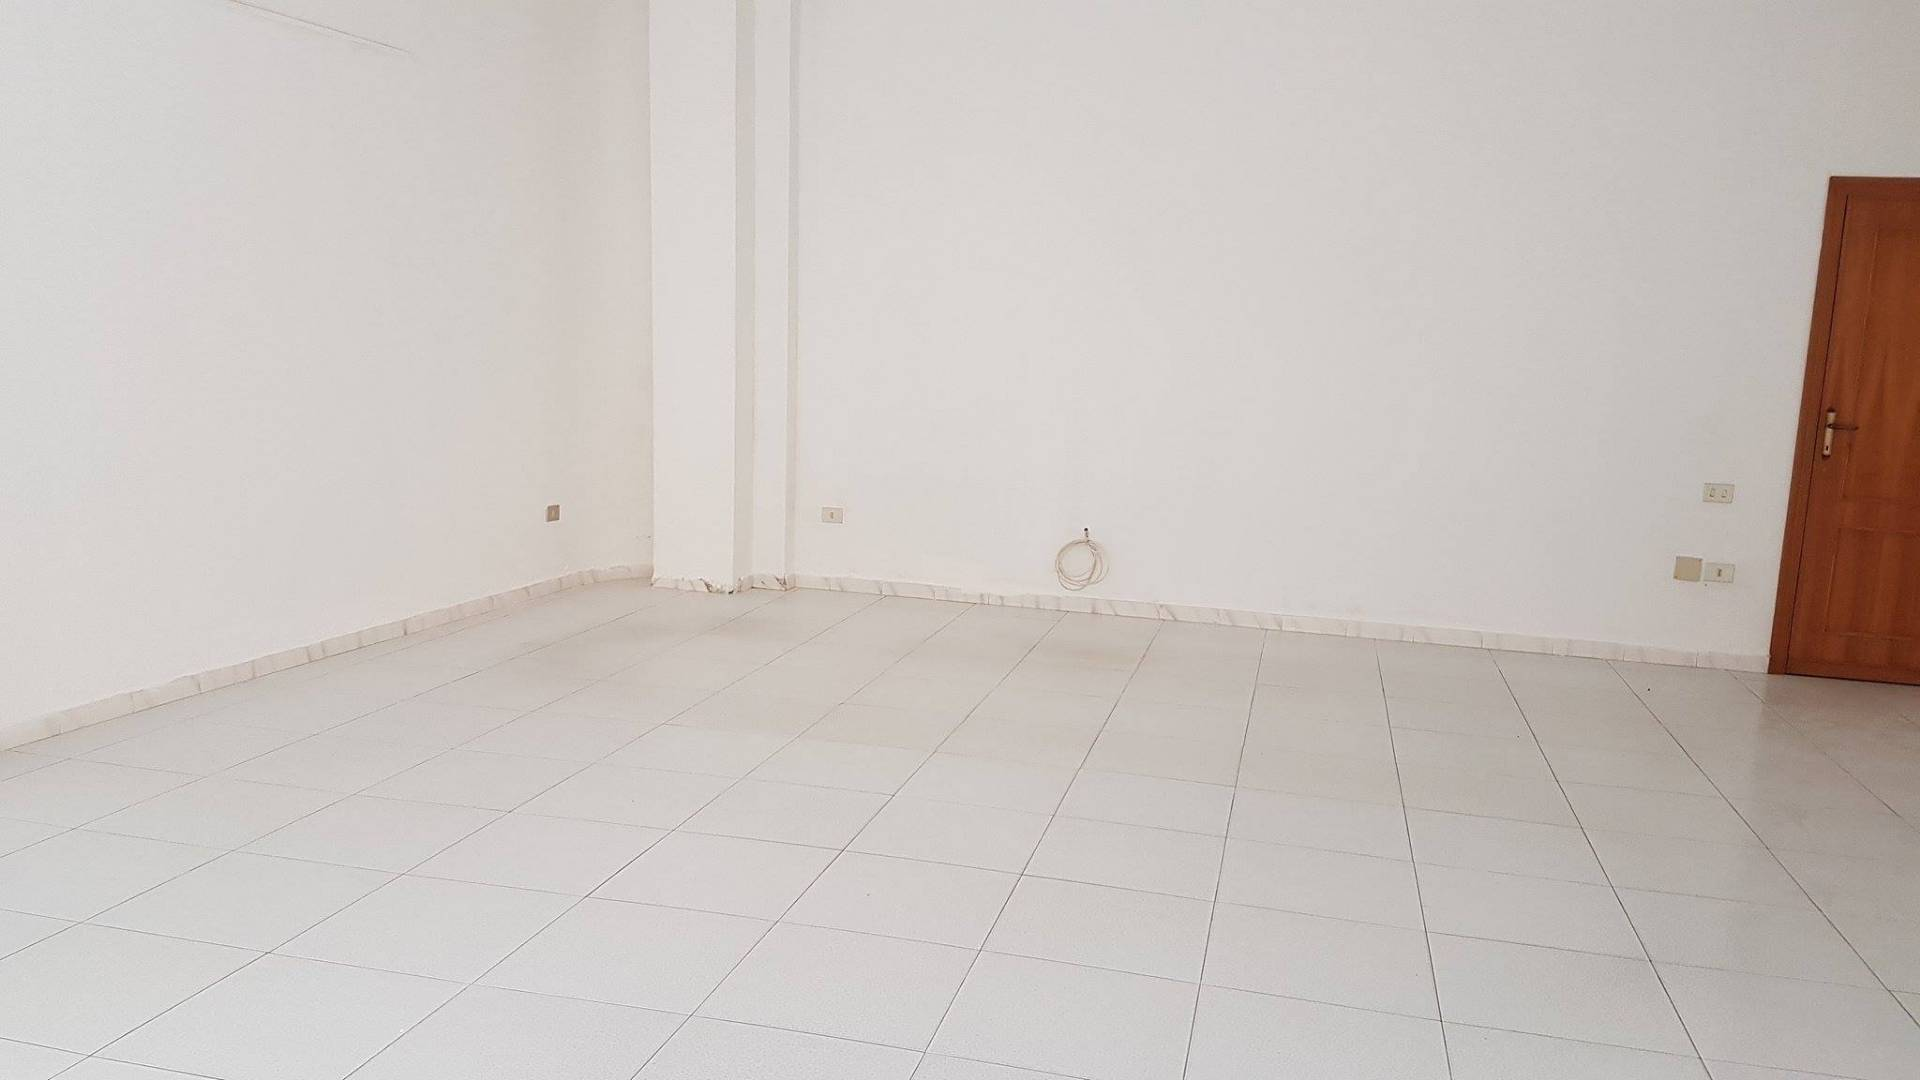 Attività / Licenza in affitto a Quartu Sant'Elena, 9999 locali, zona Località: VialeMarconi, prezzo € 350 | CambioCasa.it